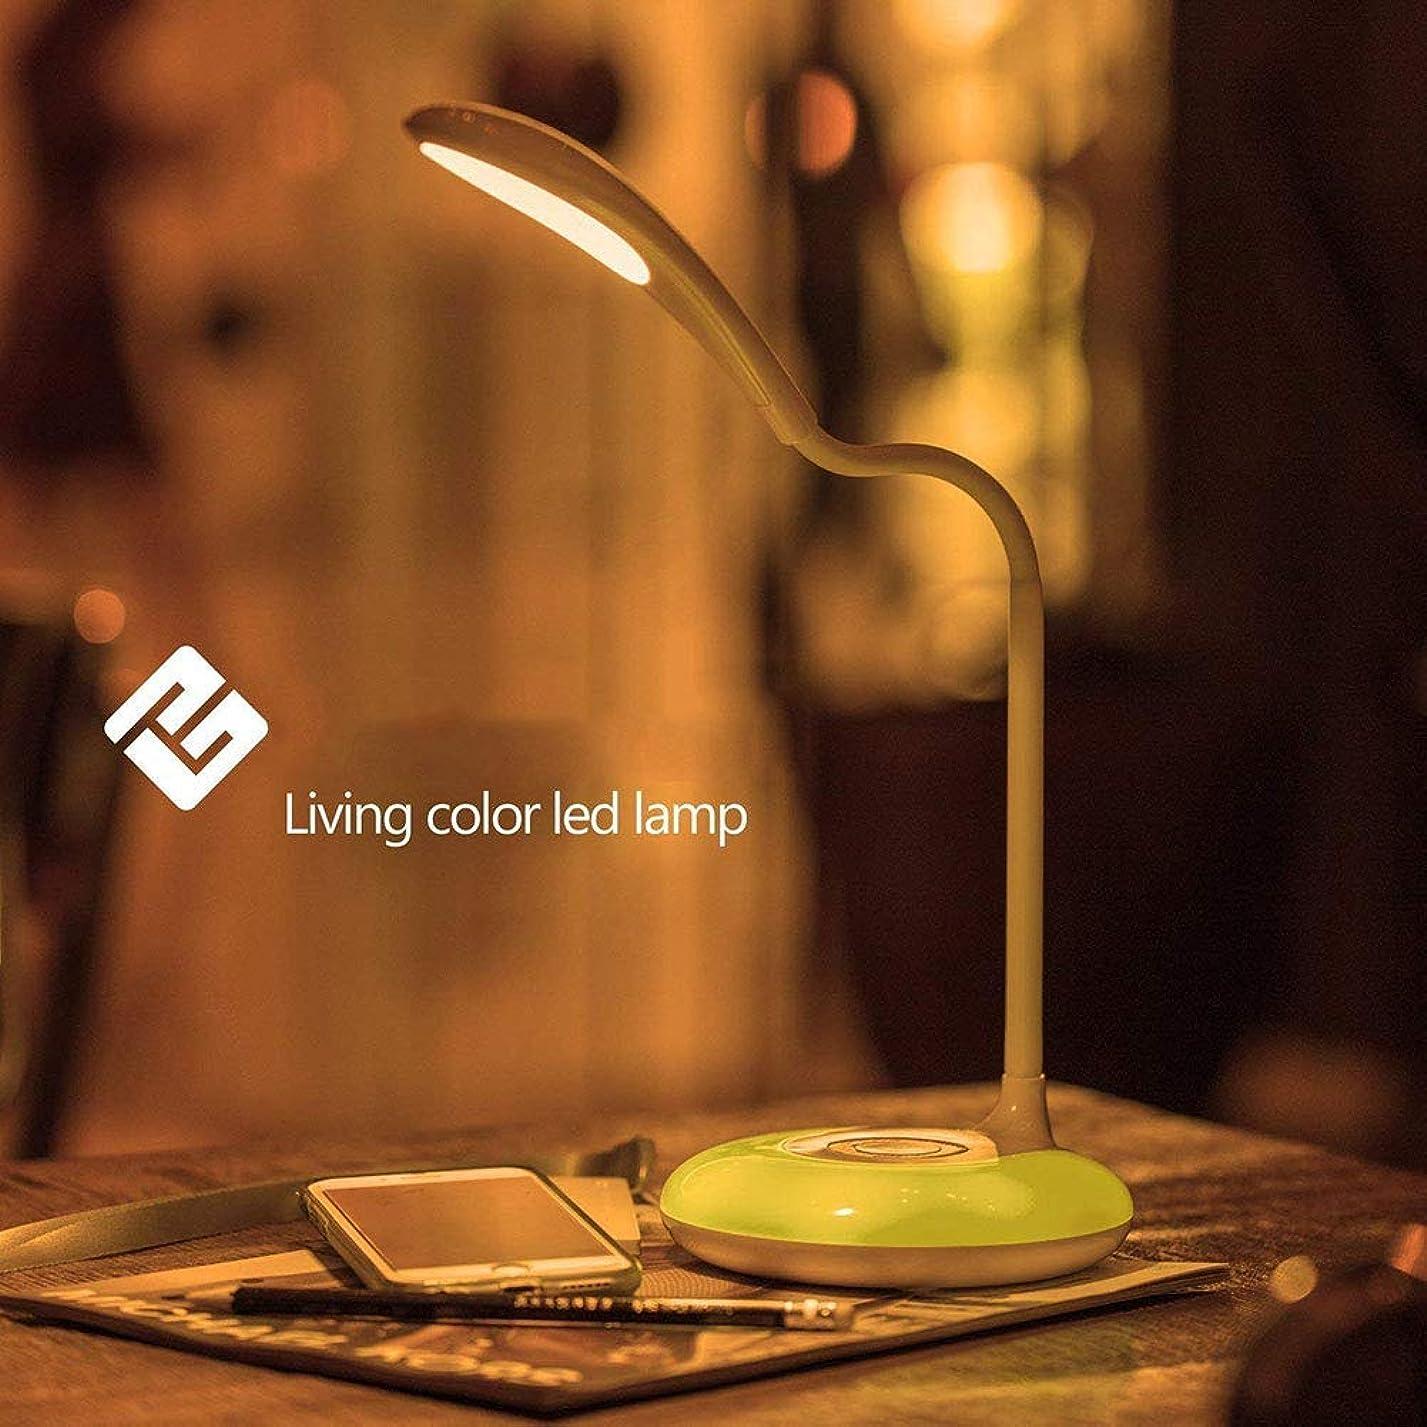 終わりゼリー壊すLEDデスクランプ、USB充電ポート付きアイケアテーブルランプ、3つの明るさレベル、タッチコントロール、調節可能なグースネック、カラーナイトライト